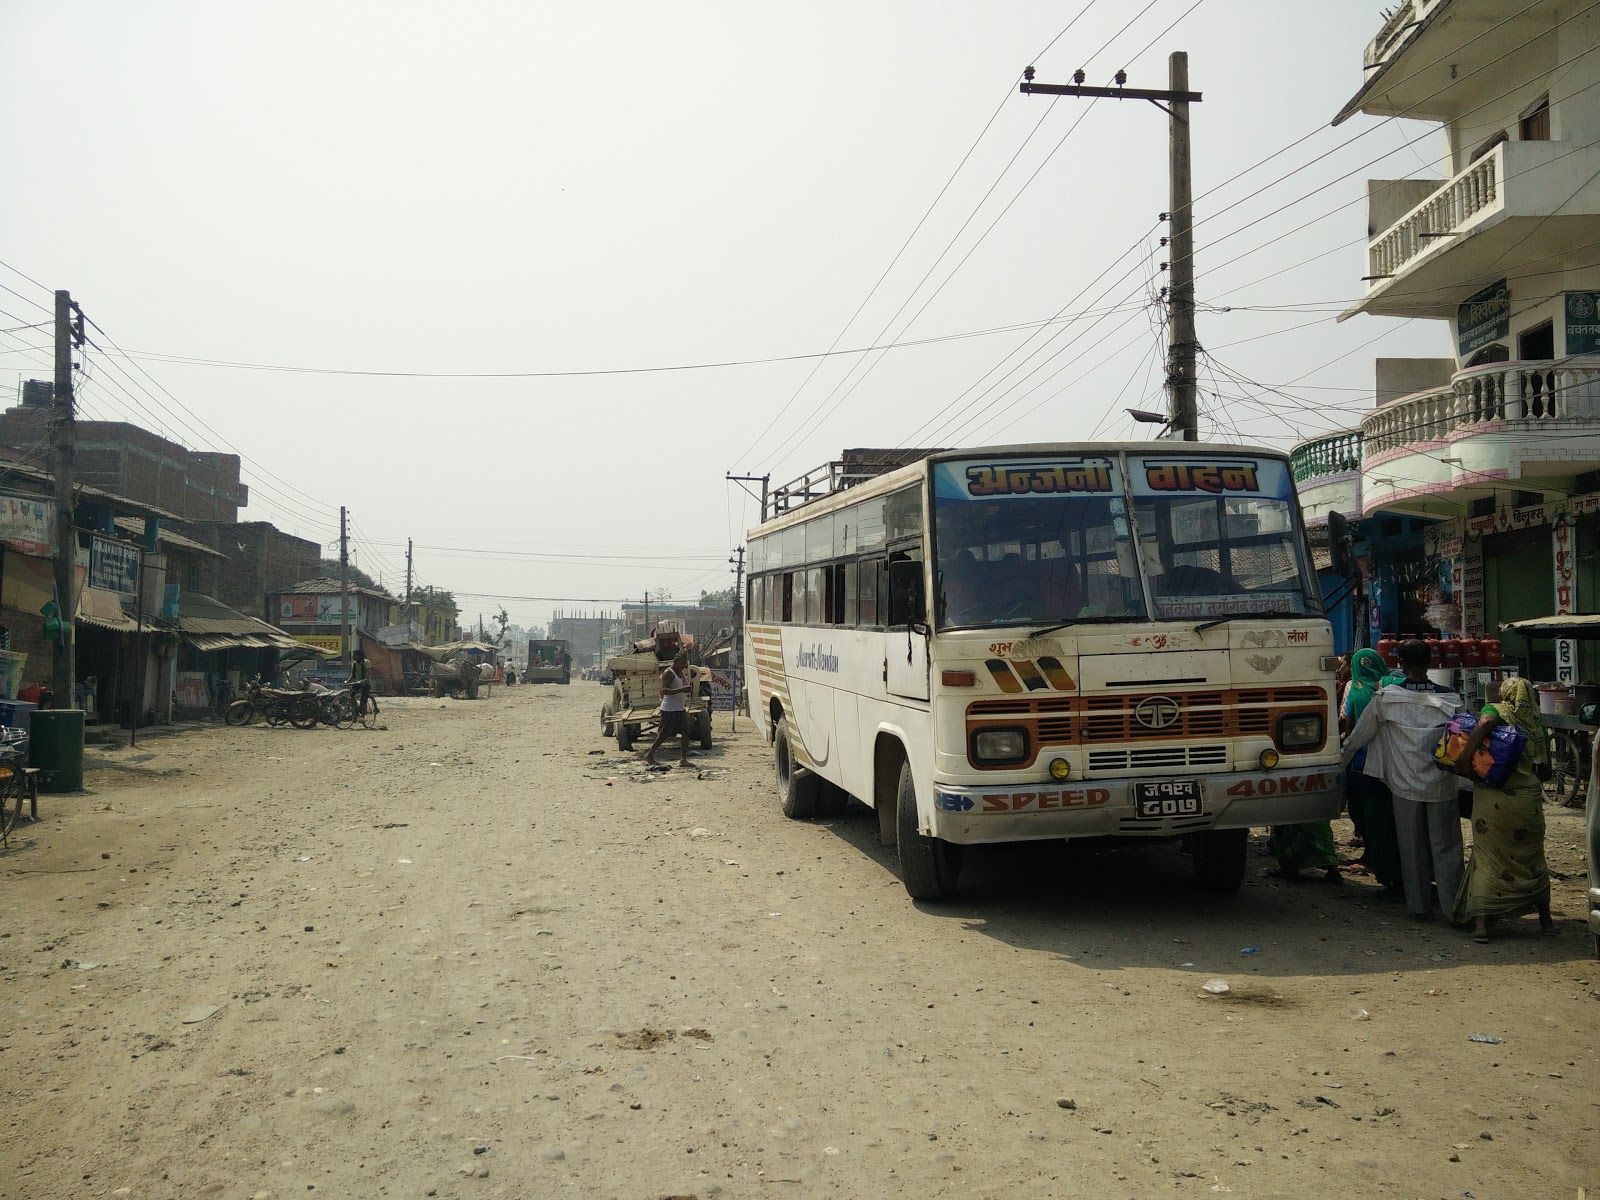 Barahathawa bus stop